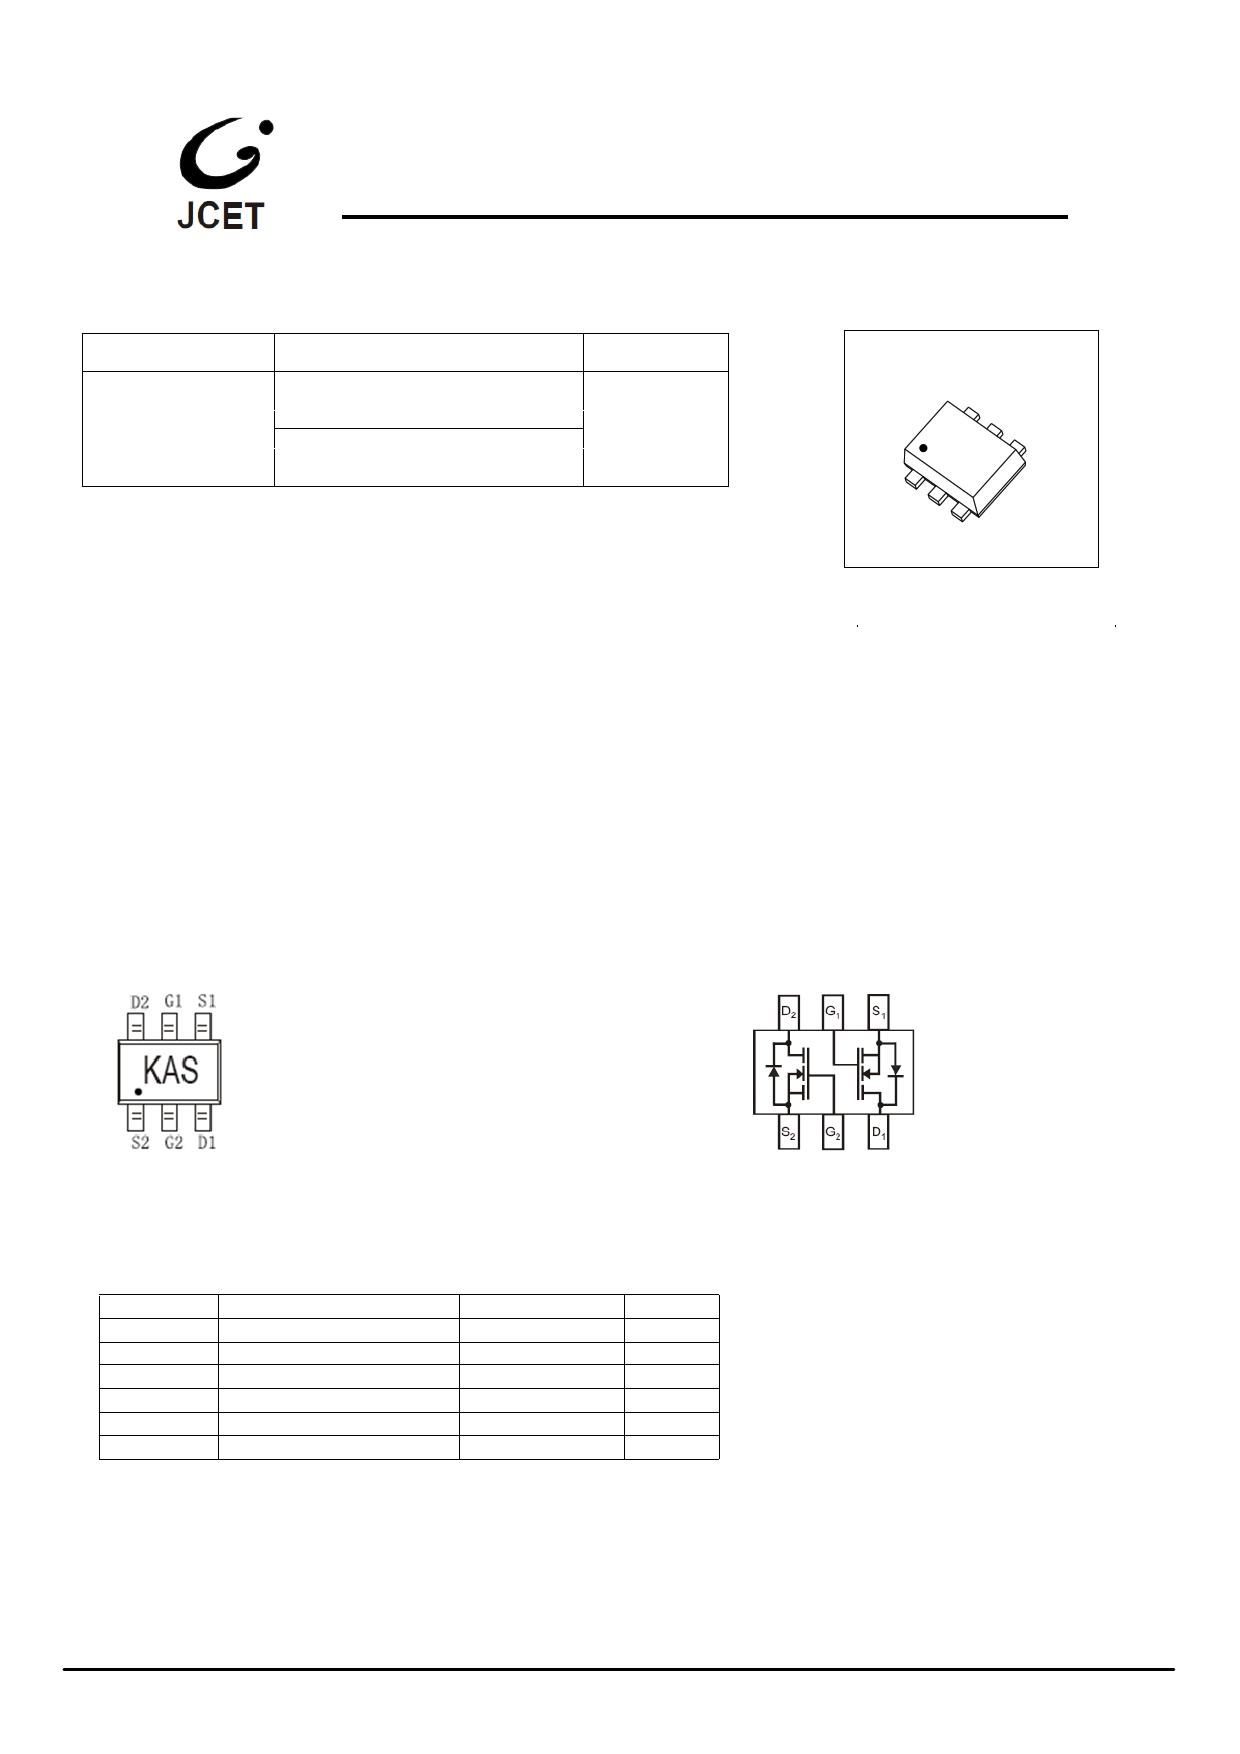 2N7002V Datasheet